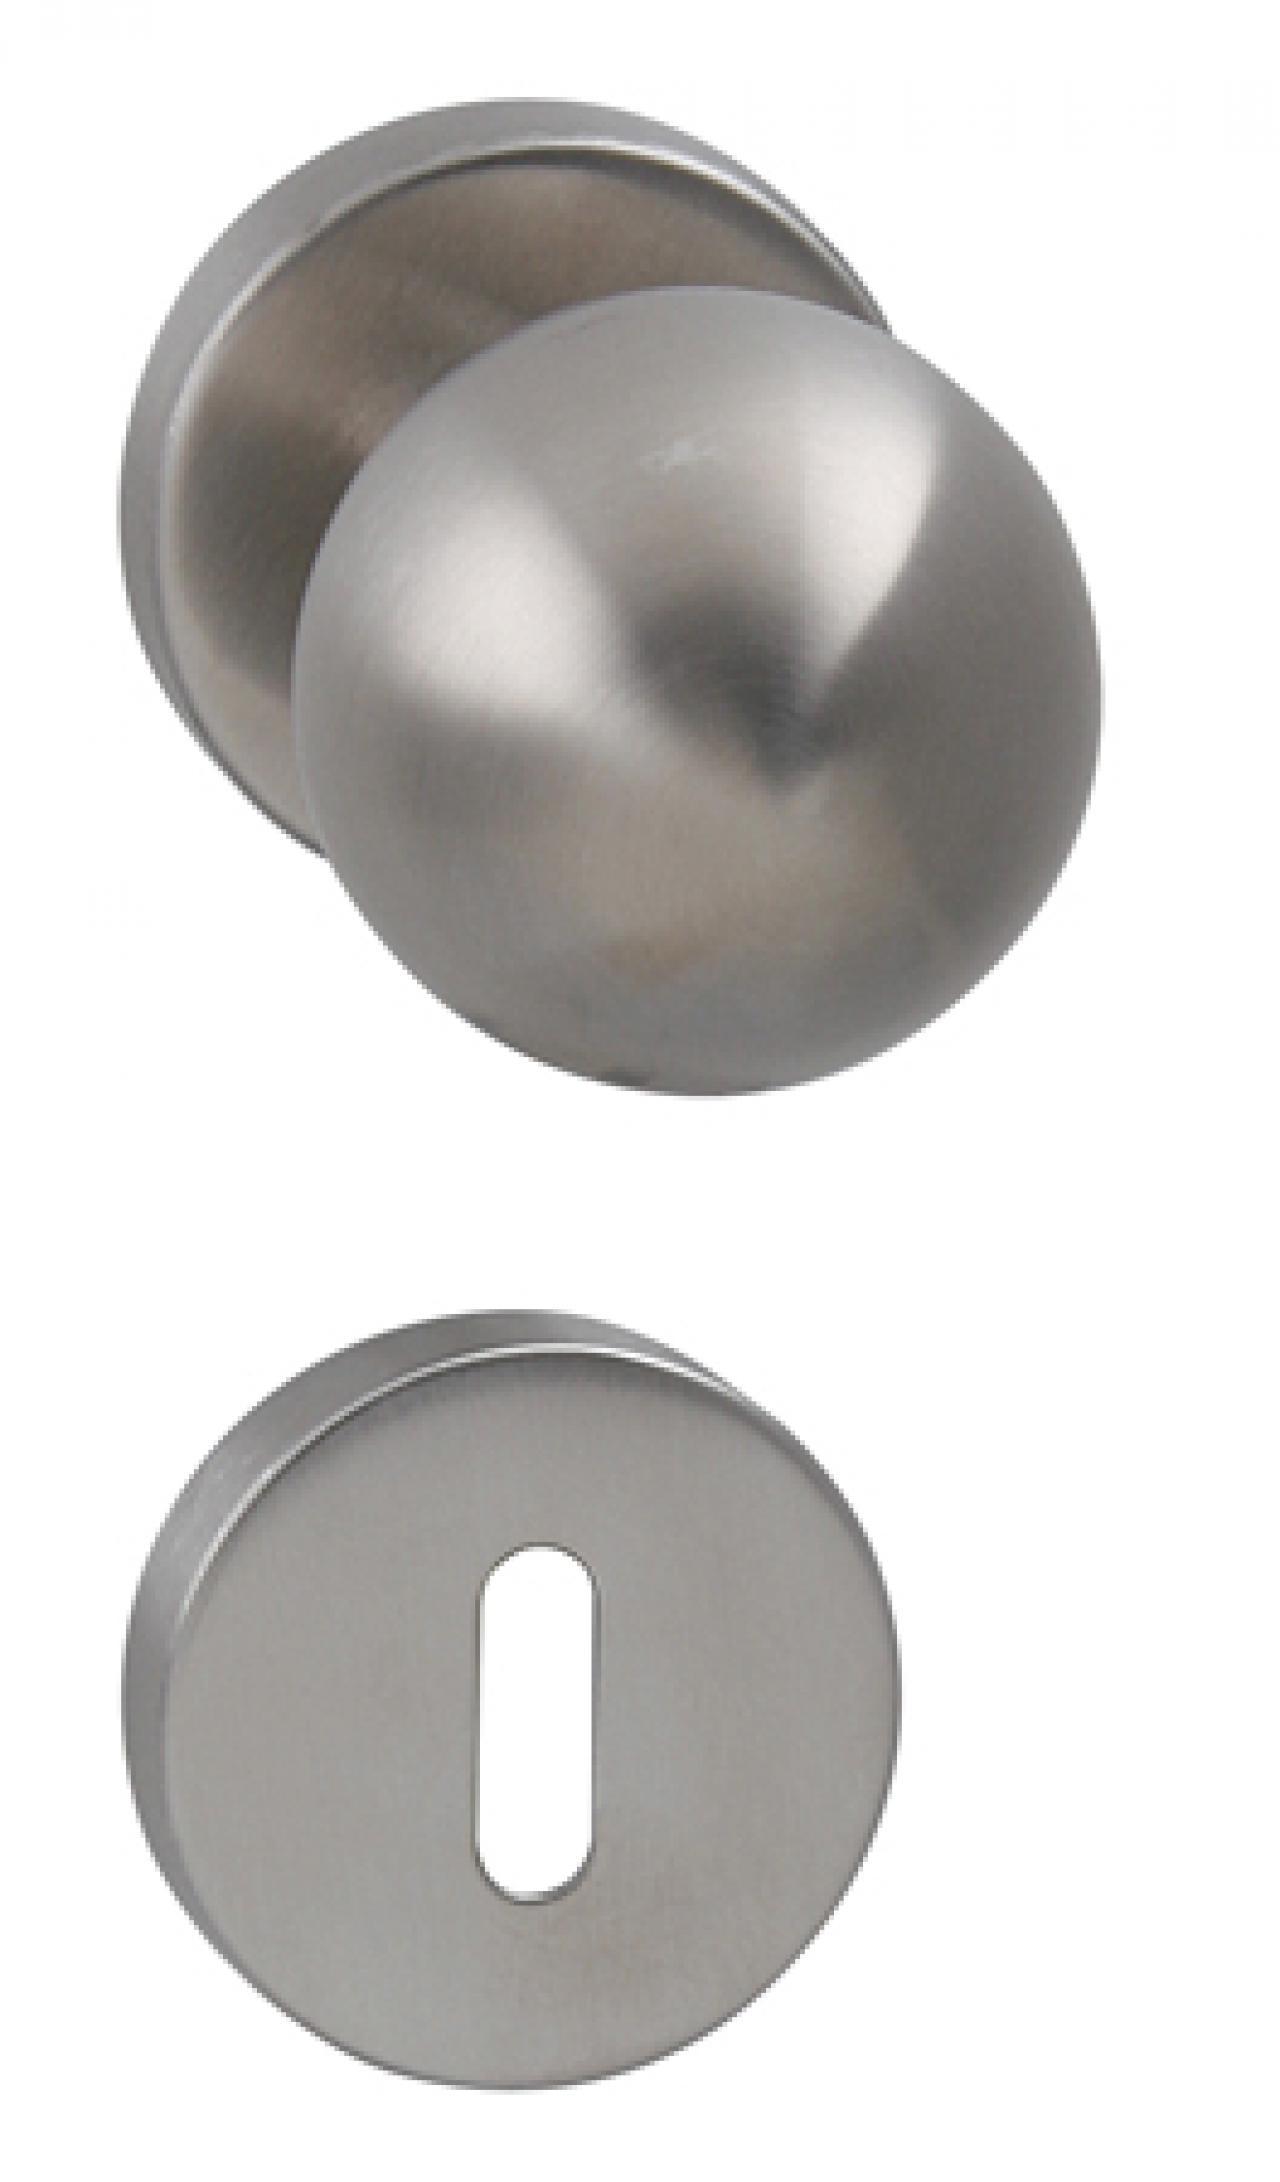 Gomb 326 inox fix gomb/fix gomb - Maestro